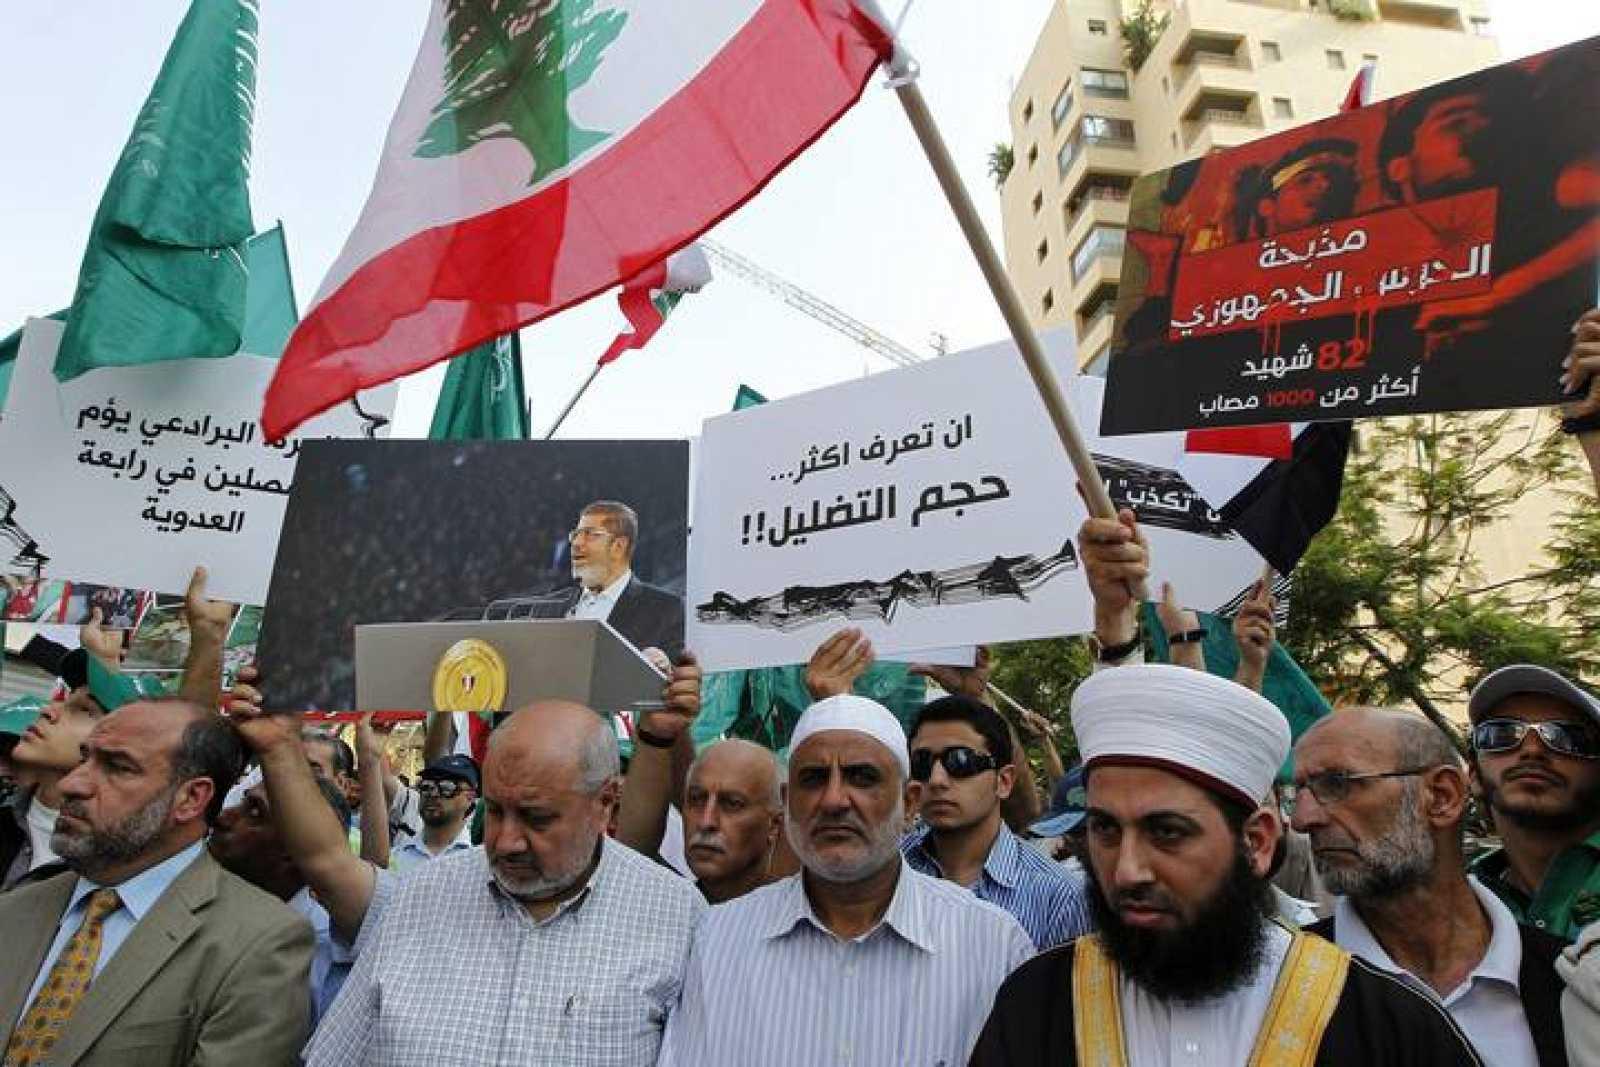 Miembros del Grupo islámico libanés (emparentados con lo egipcios Hermanos Musulmanes) durante una manifestación frente a la embajada egipcia en Beirut, Líbano, para mostrar su apoyo al depuesto presidente Mohamed Mursi.